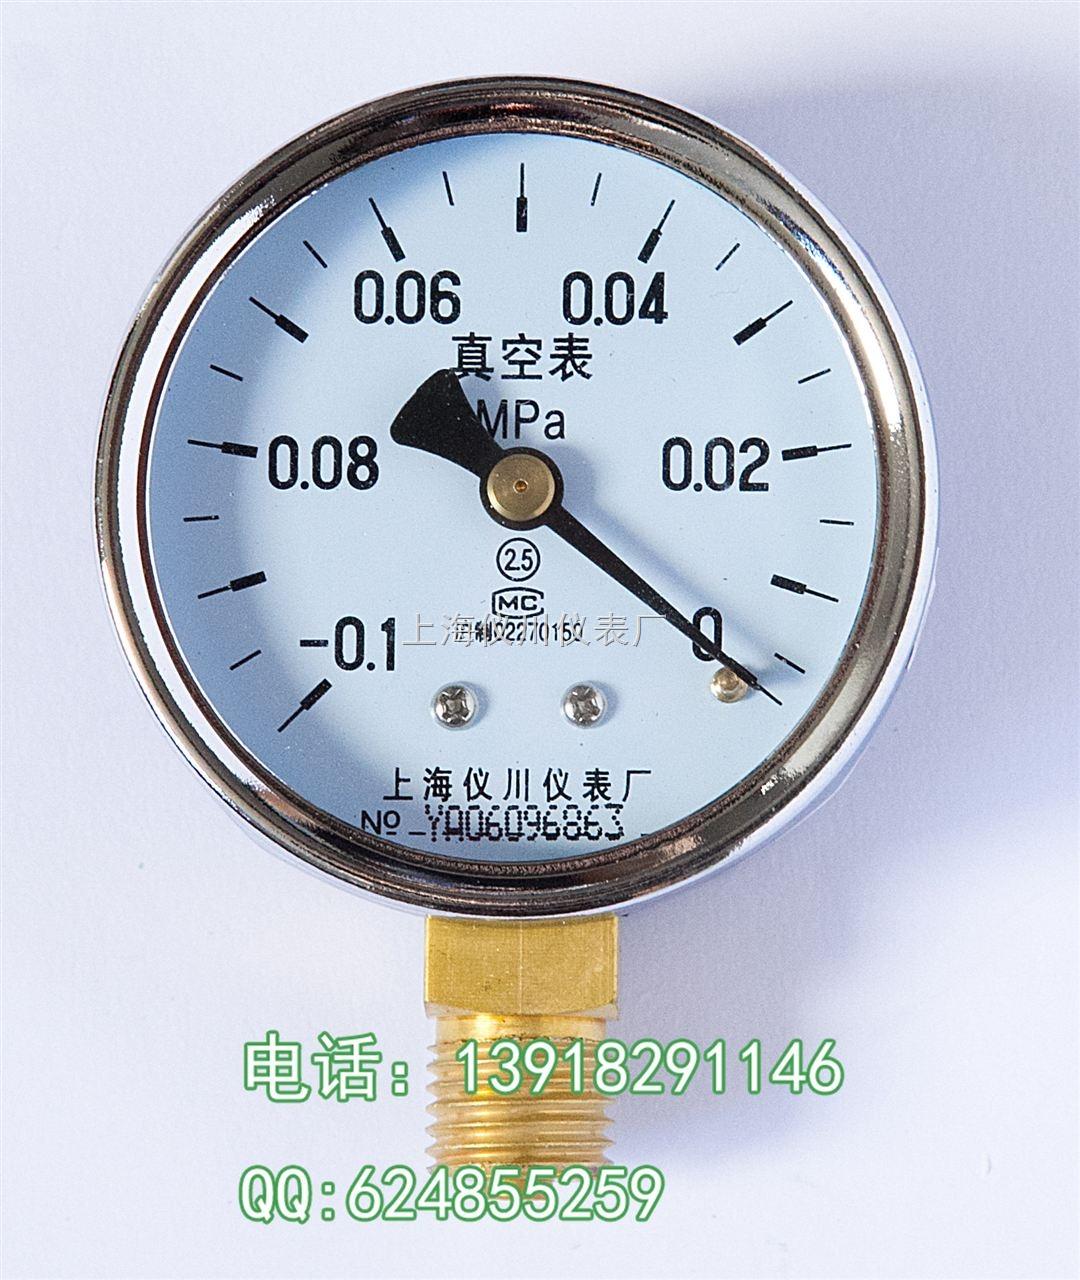 60 上海仪川仪表真空压力表 压力表 上海仪川仪表厂图片